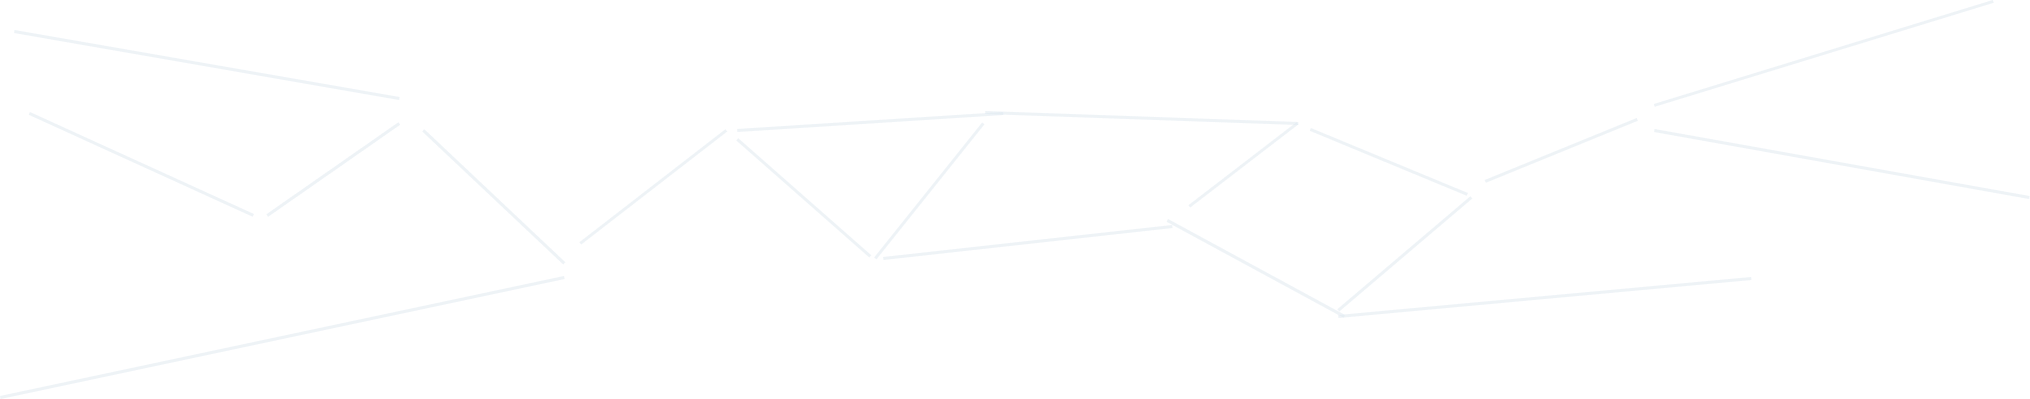 Growmodo Background Lines